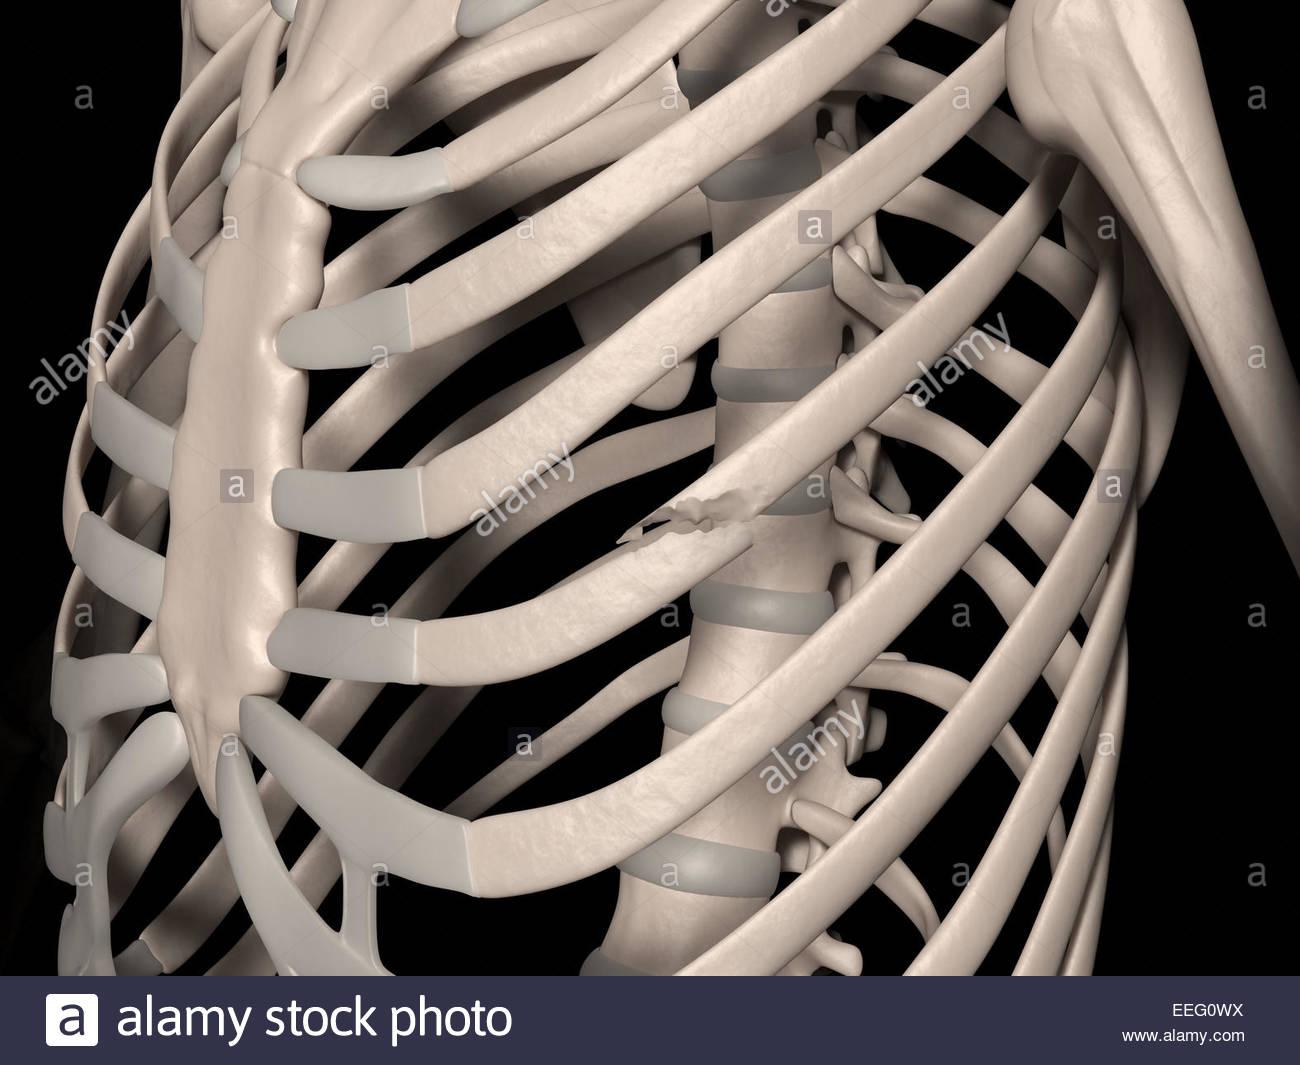 Medico digitale illustrazione raffigurante una frattura della quinta costola (vero costola e nervatura vertebrosternal, Immagini Stock